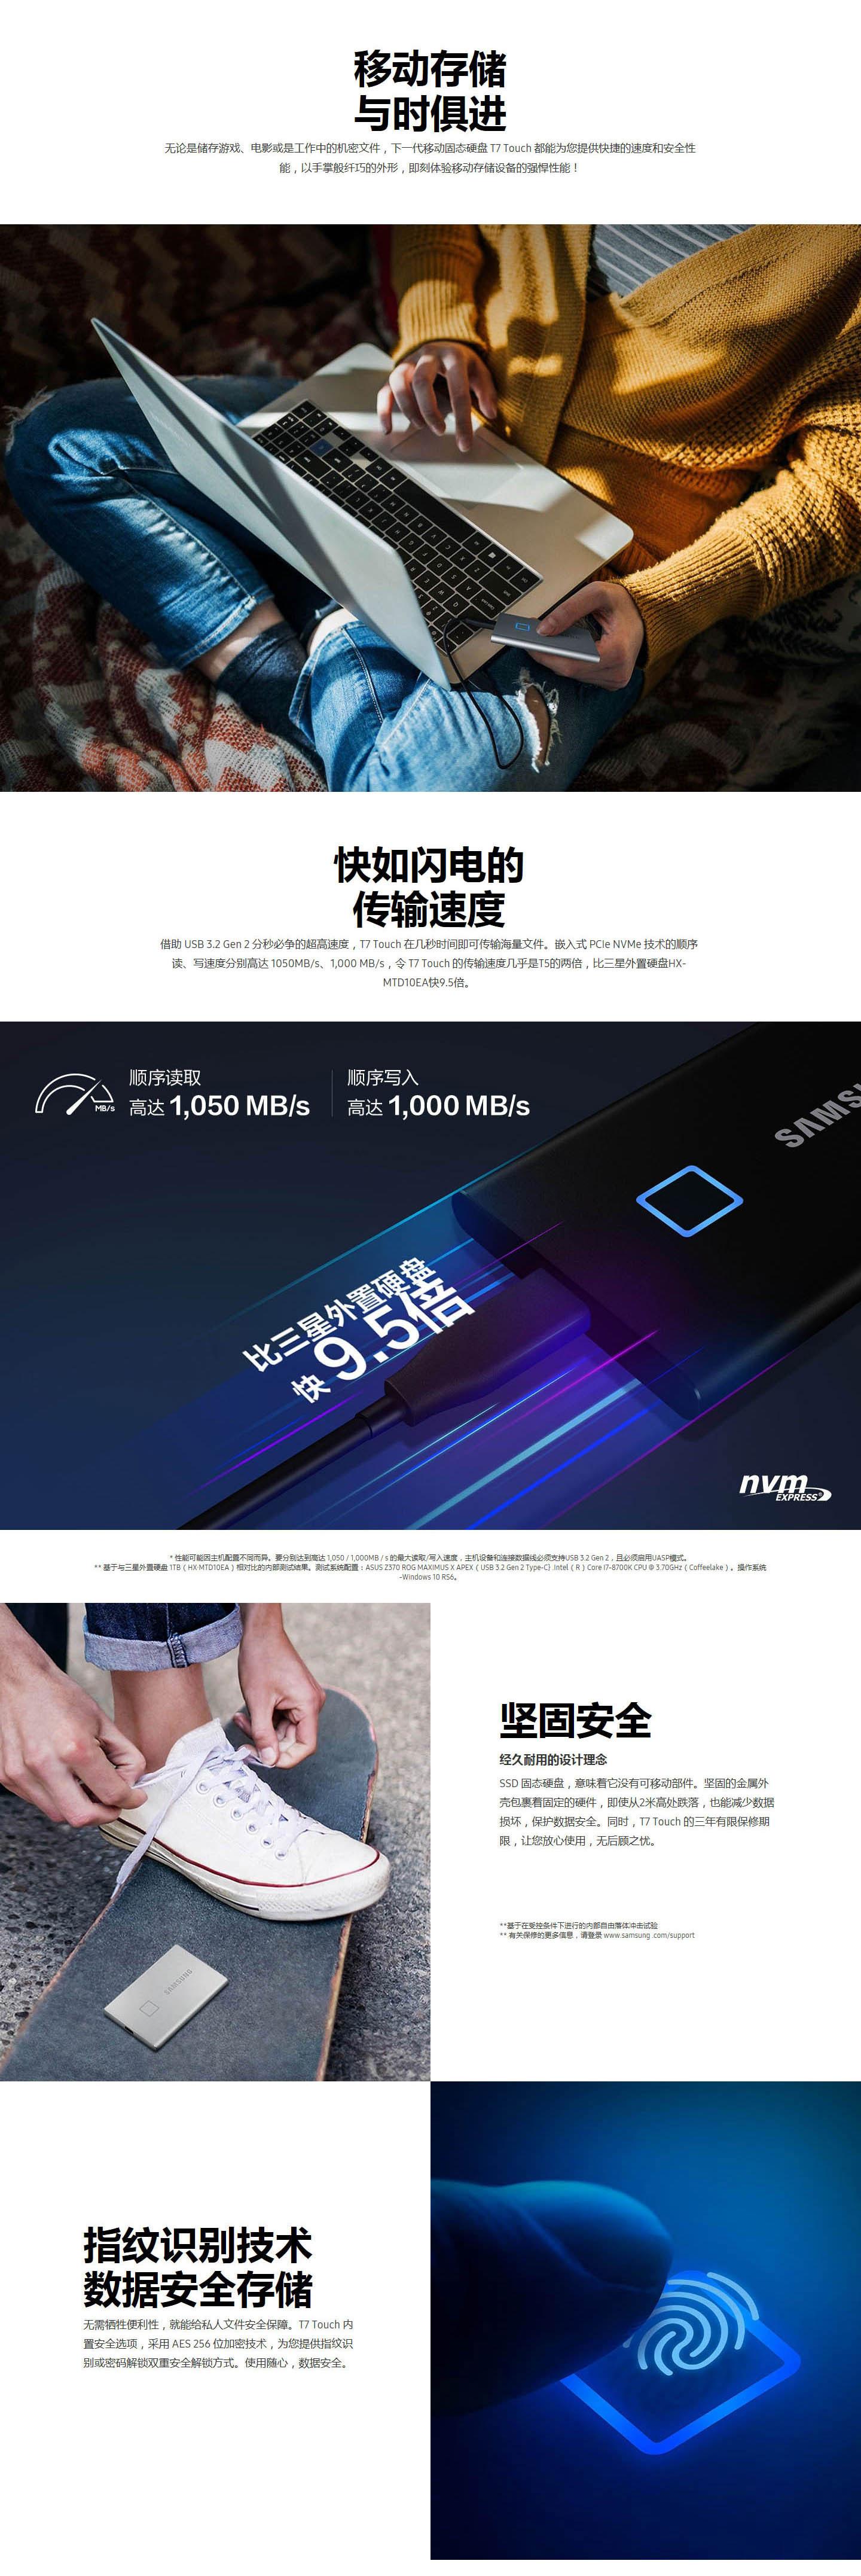 T7-Touch-USB3.2-Gen2-移动固态硬盘-经典黑-1_01